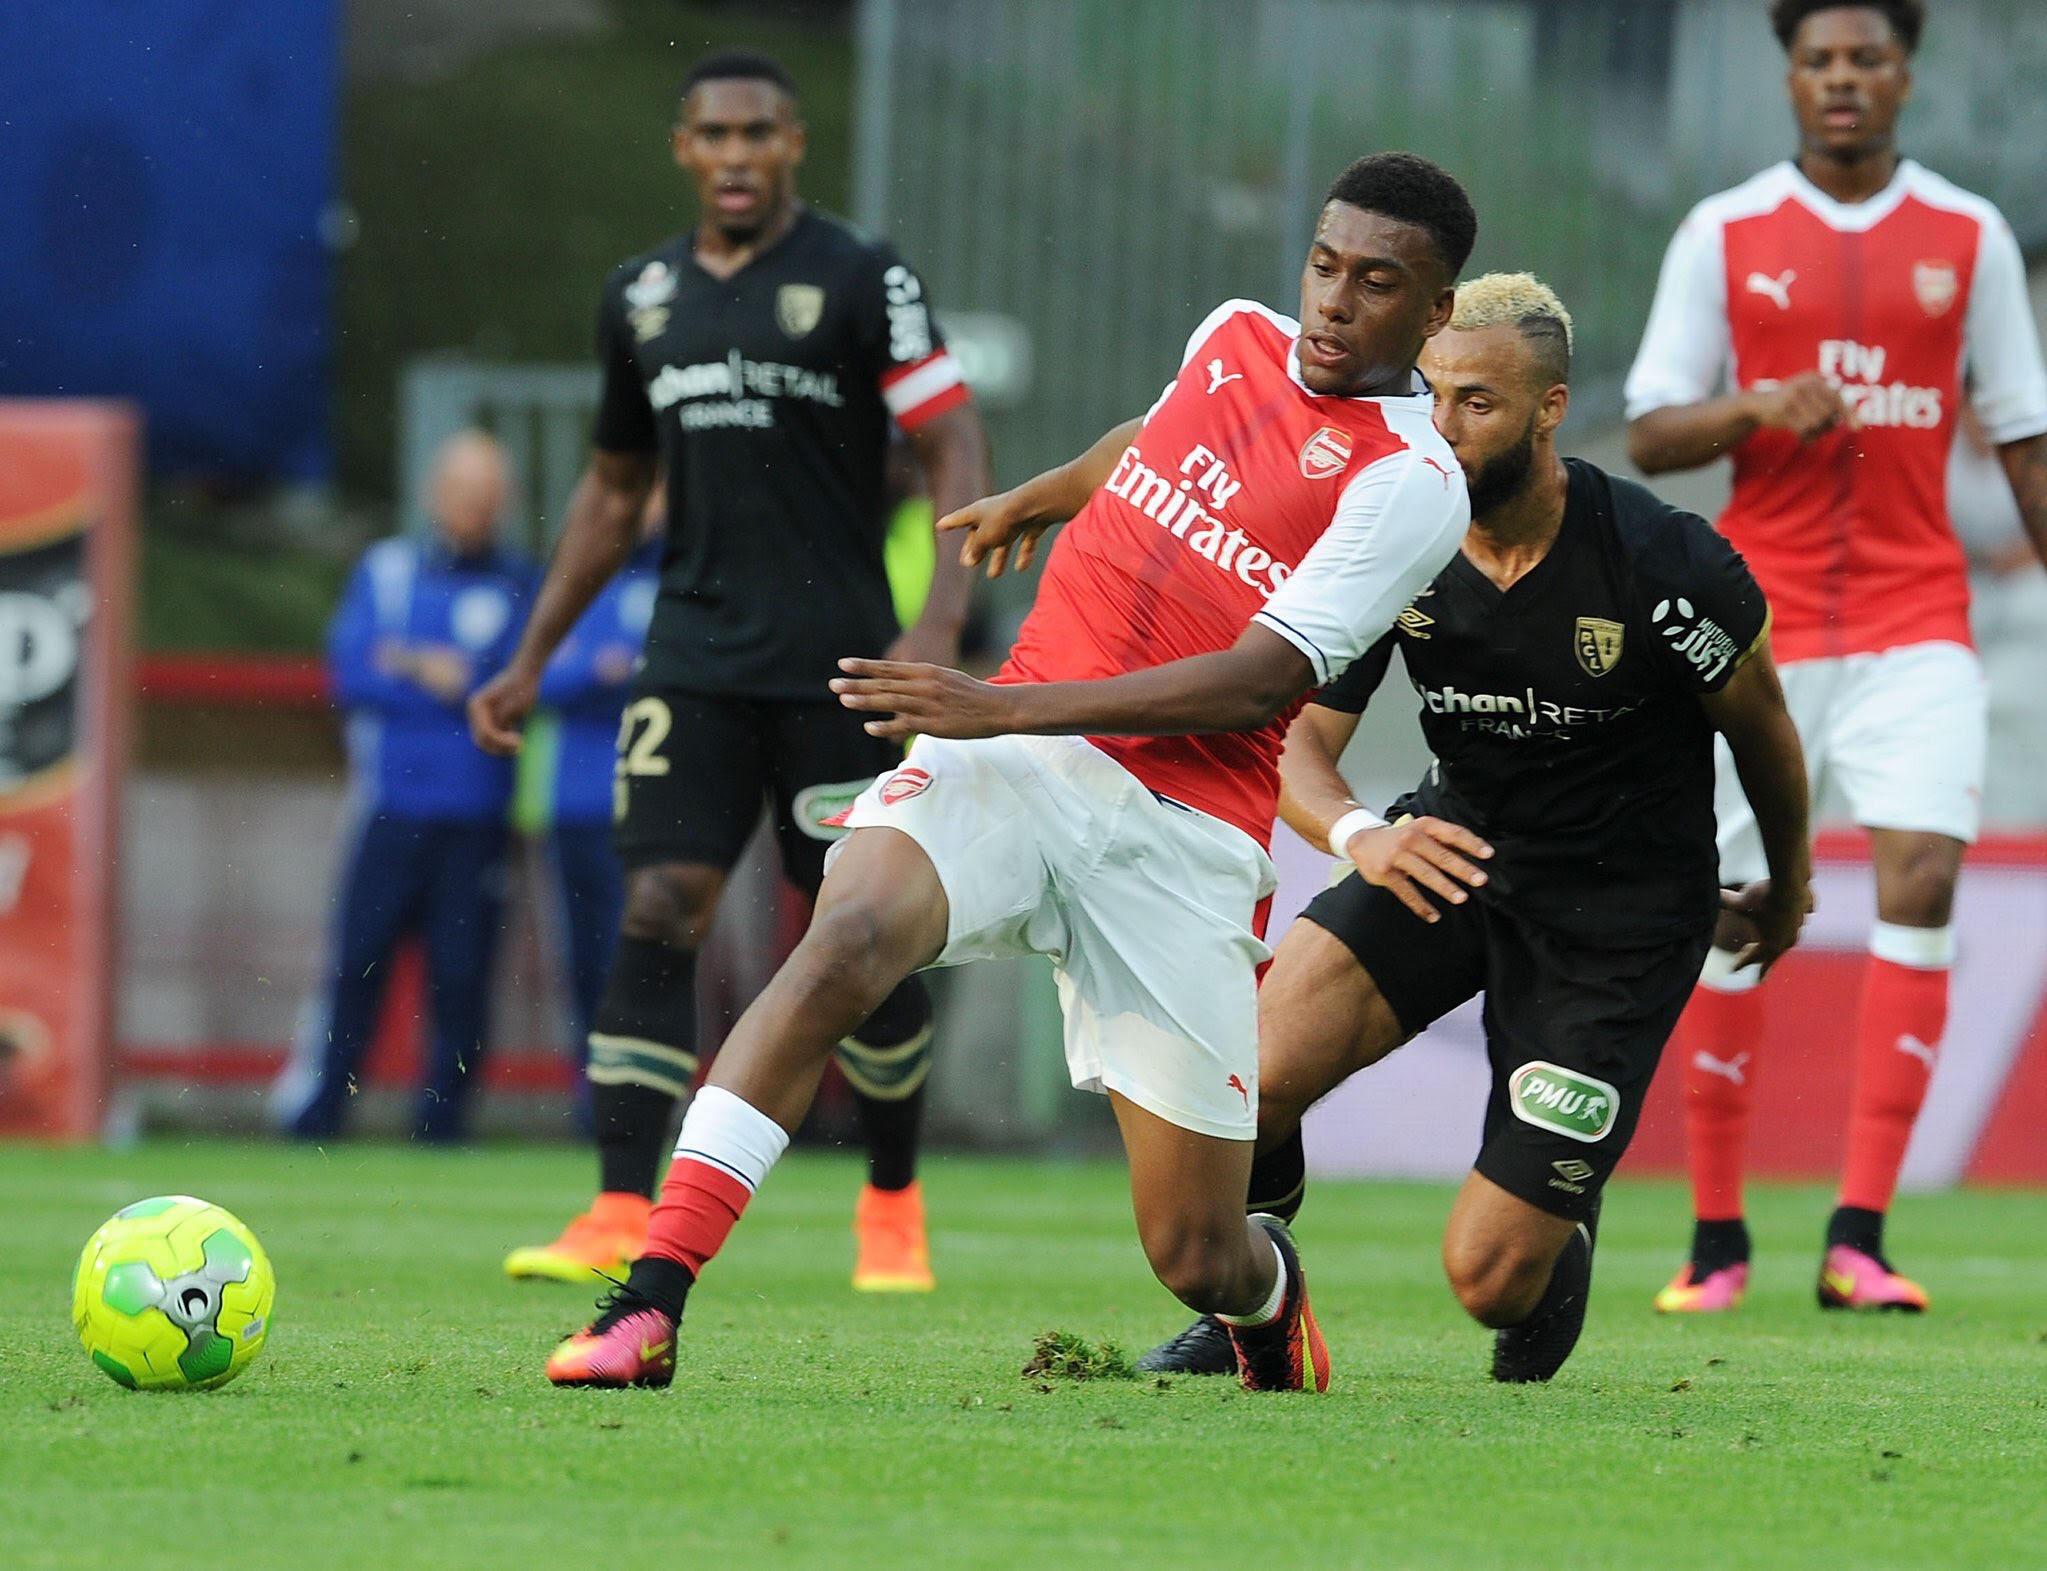 Iwobi Targets More Playing Time, Goals At Arsenal